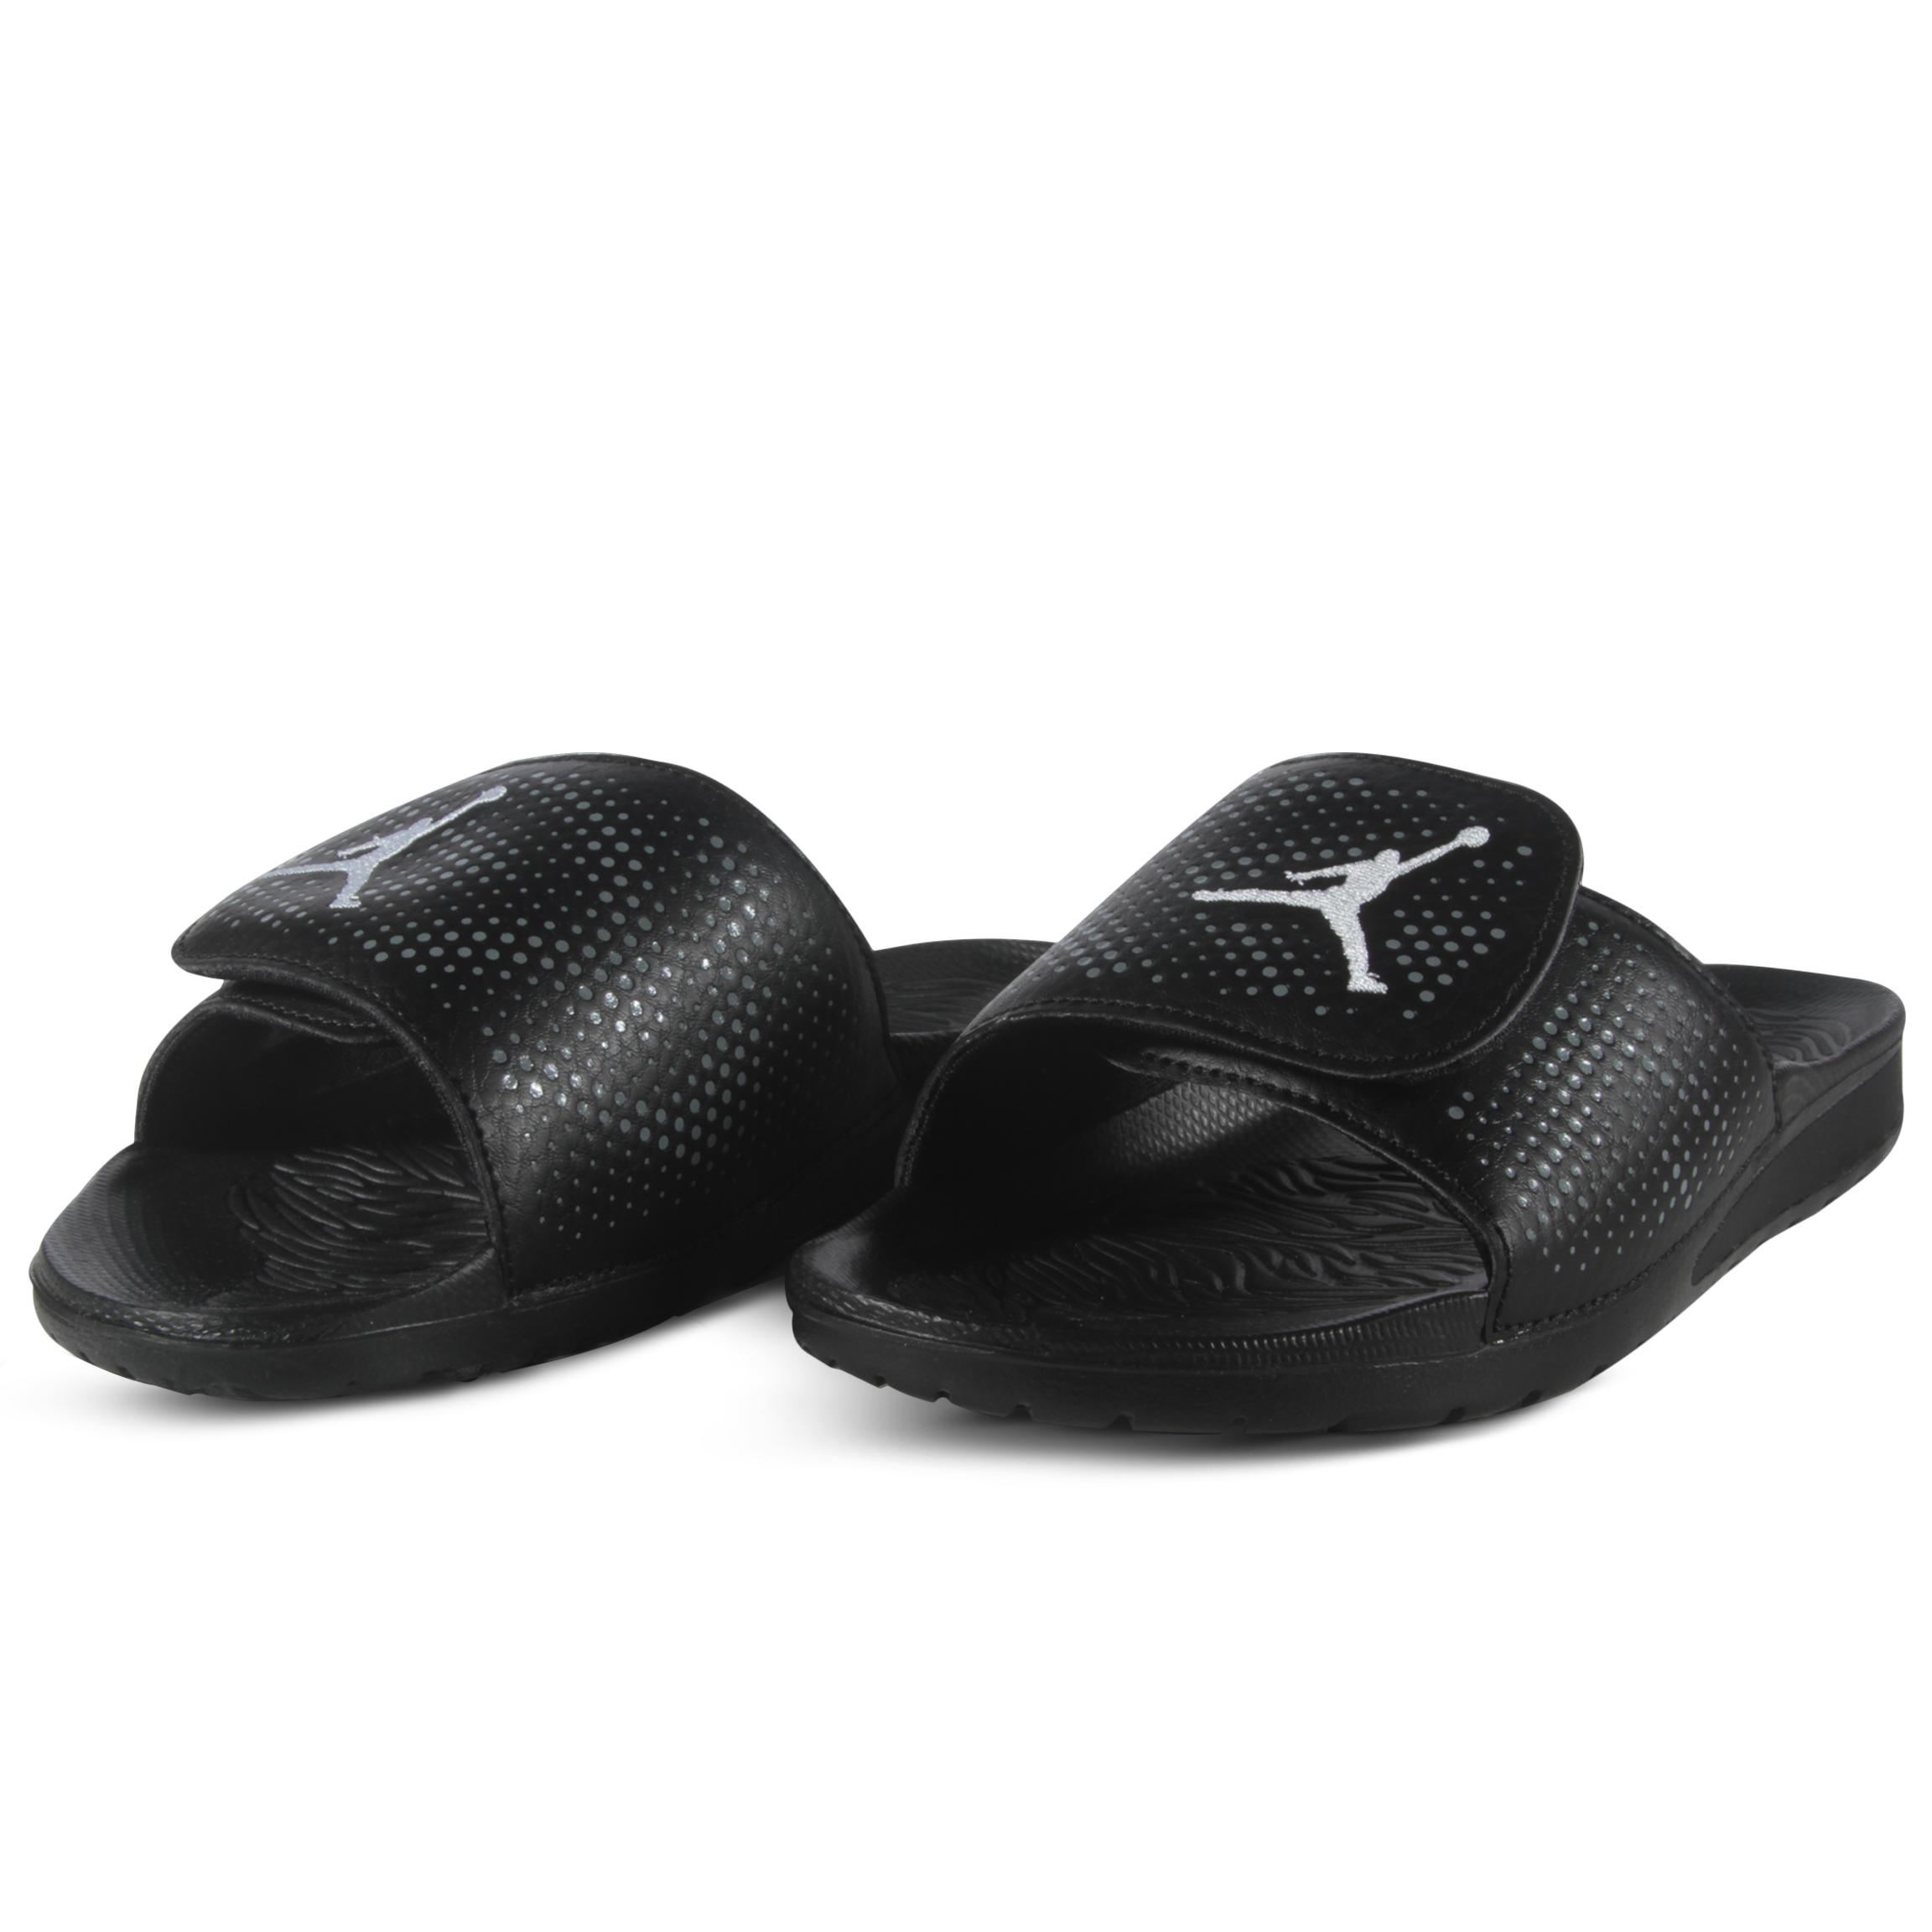 b63c2fe0b12247 Description. Description. Boy s Jordan Hydro 5 BP Pre-School (Little Kids) Sandals  820259-010